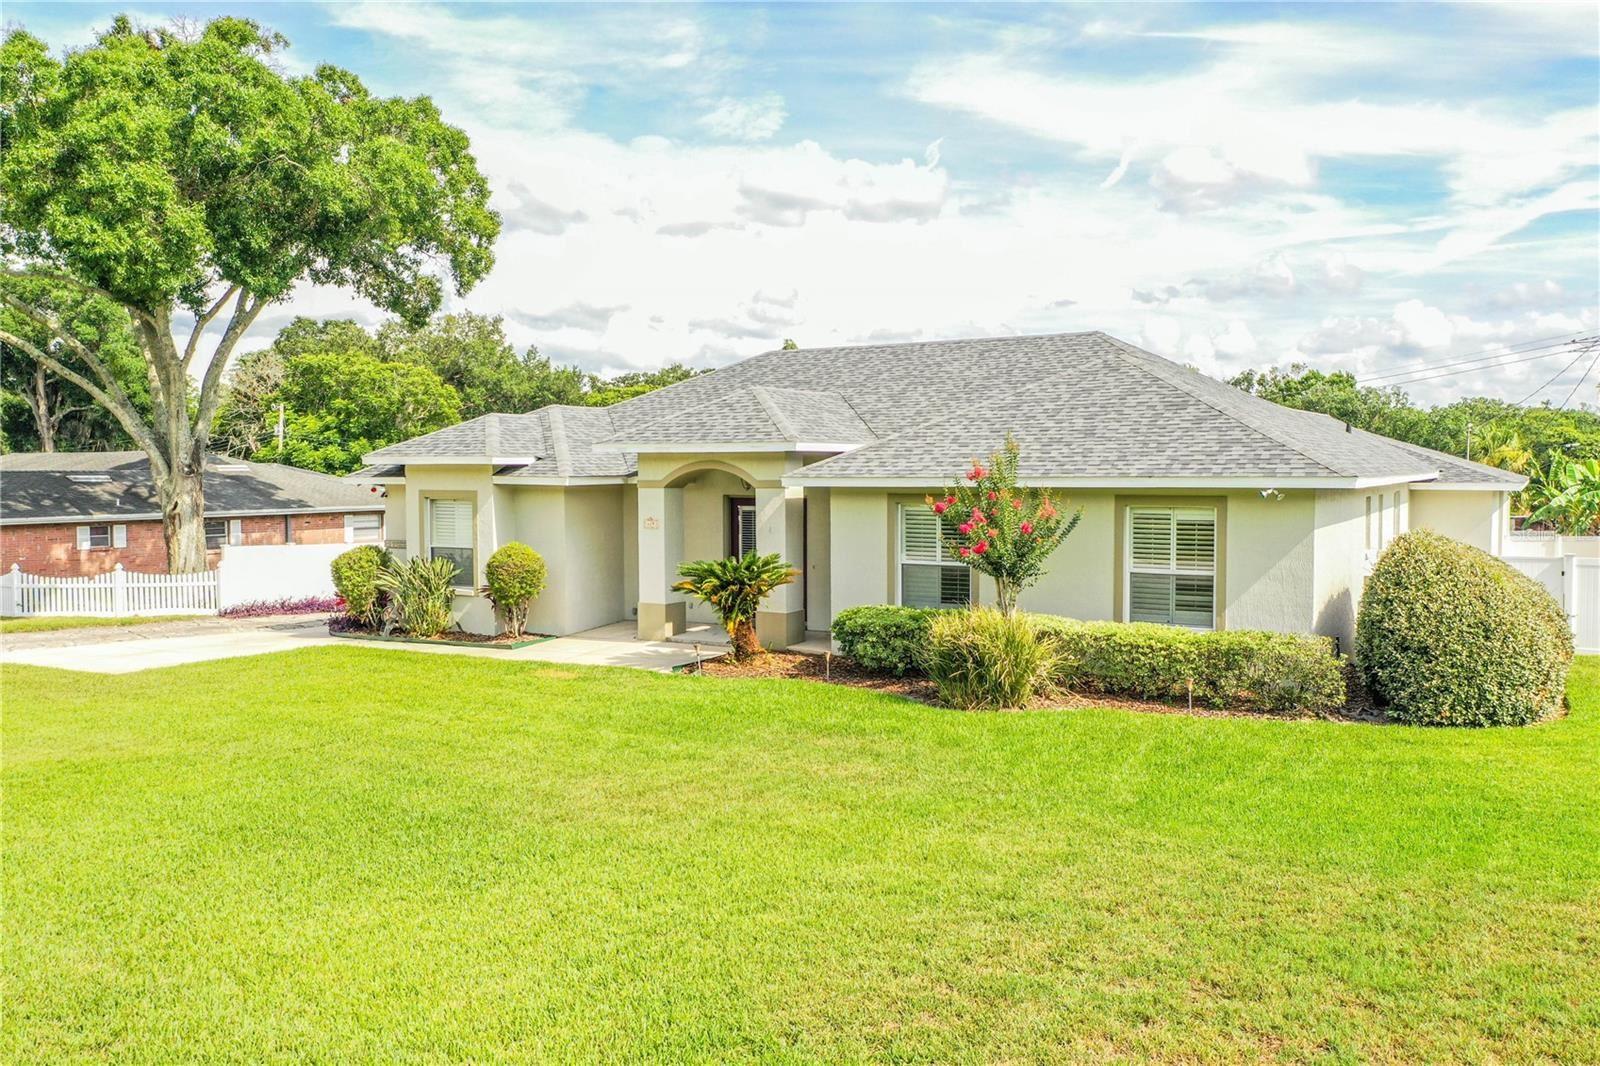 629 ORANGE VALLEY LANE, Lakeland, FL 33813 - #: L4923141